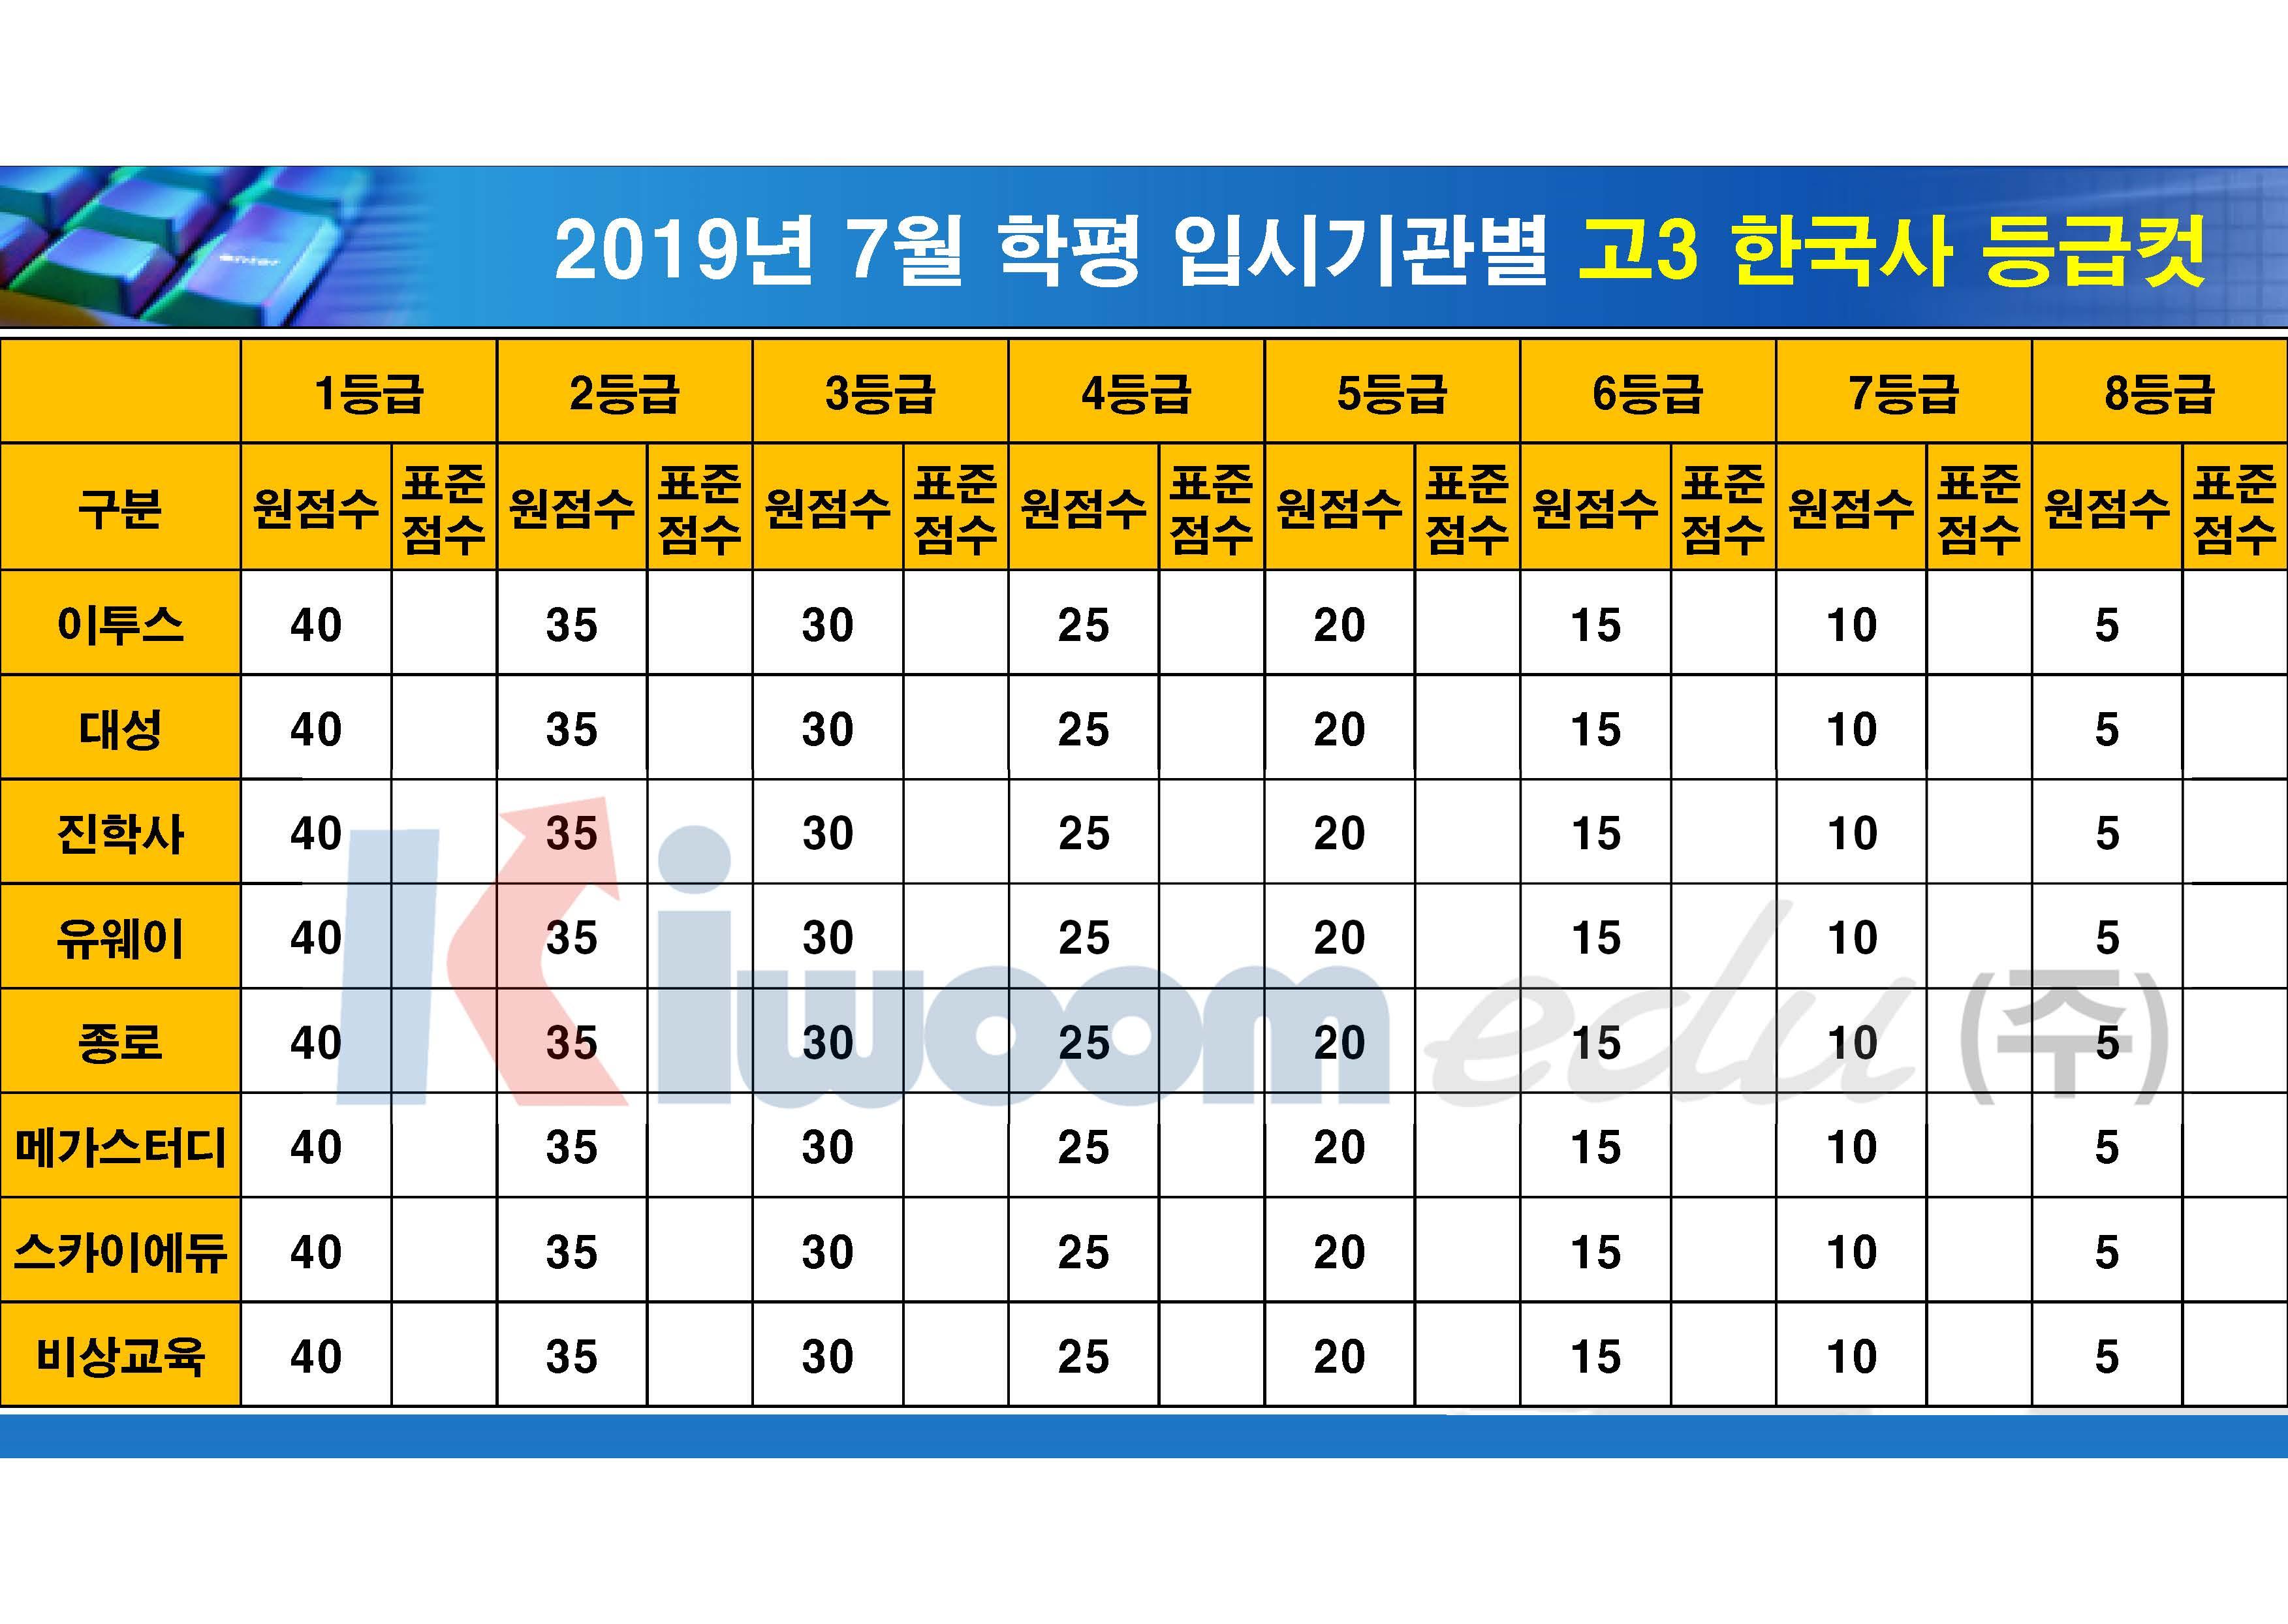 2019 7월 모의고사 입시기관별 등급컷(고3)_20190711_안지훈#1(16시 30분 기준)_Page_03.jpg